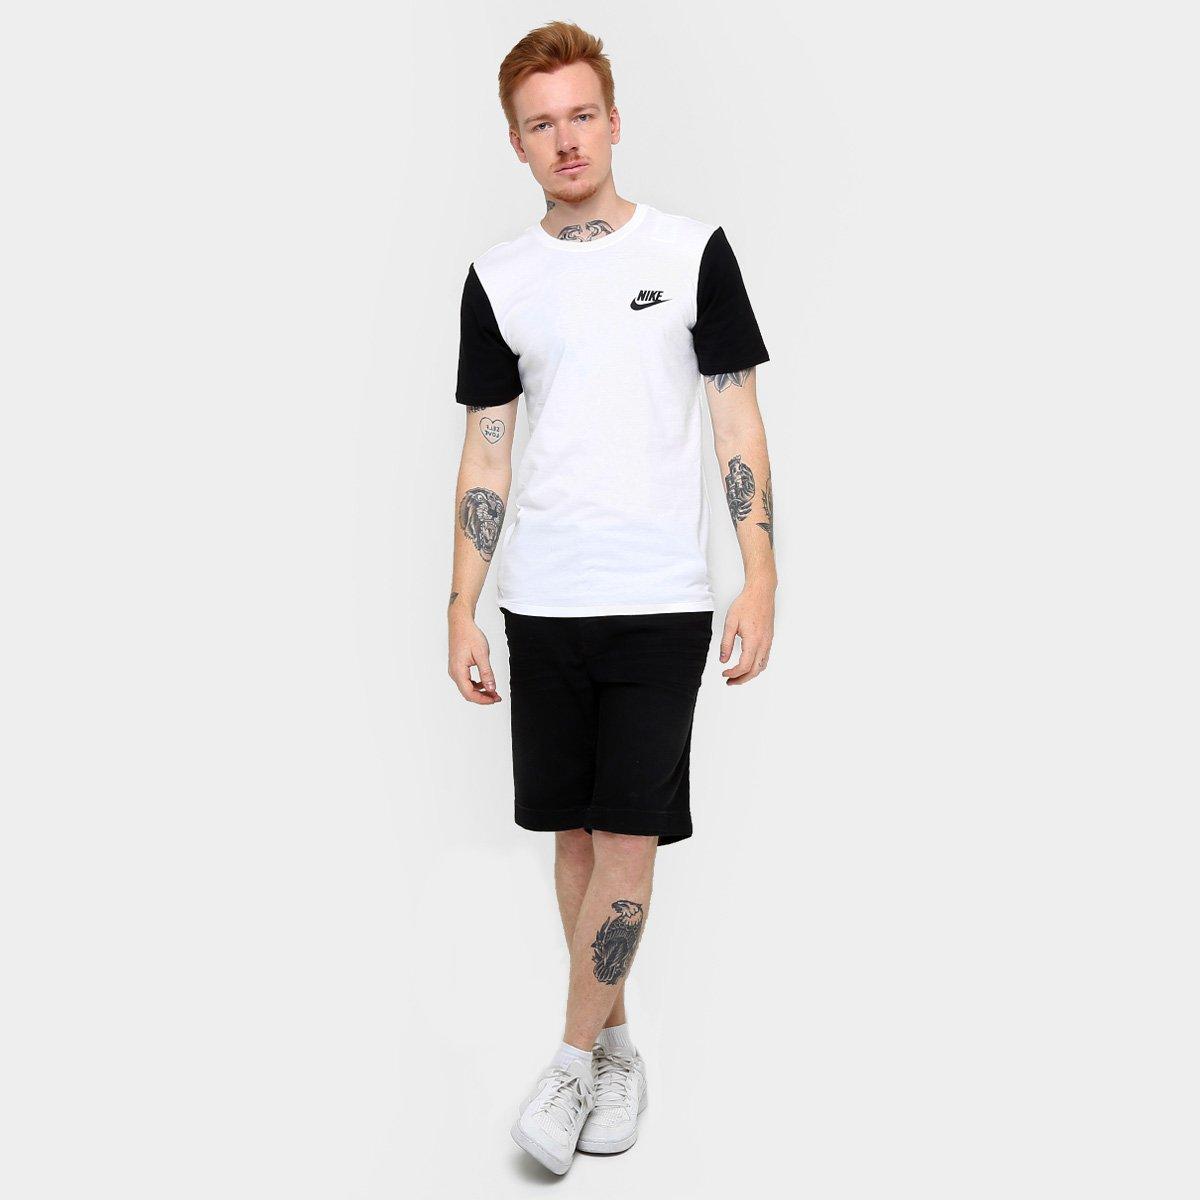 443081ff73 Camiseta Nike Tee-City Lights 72 - Compre Agora